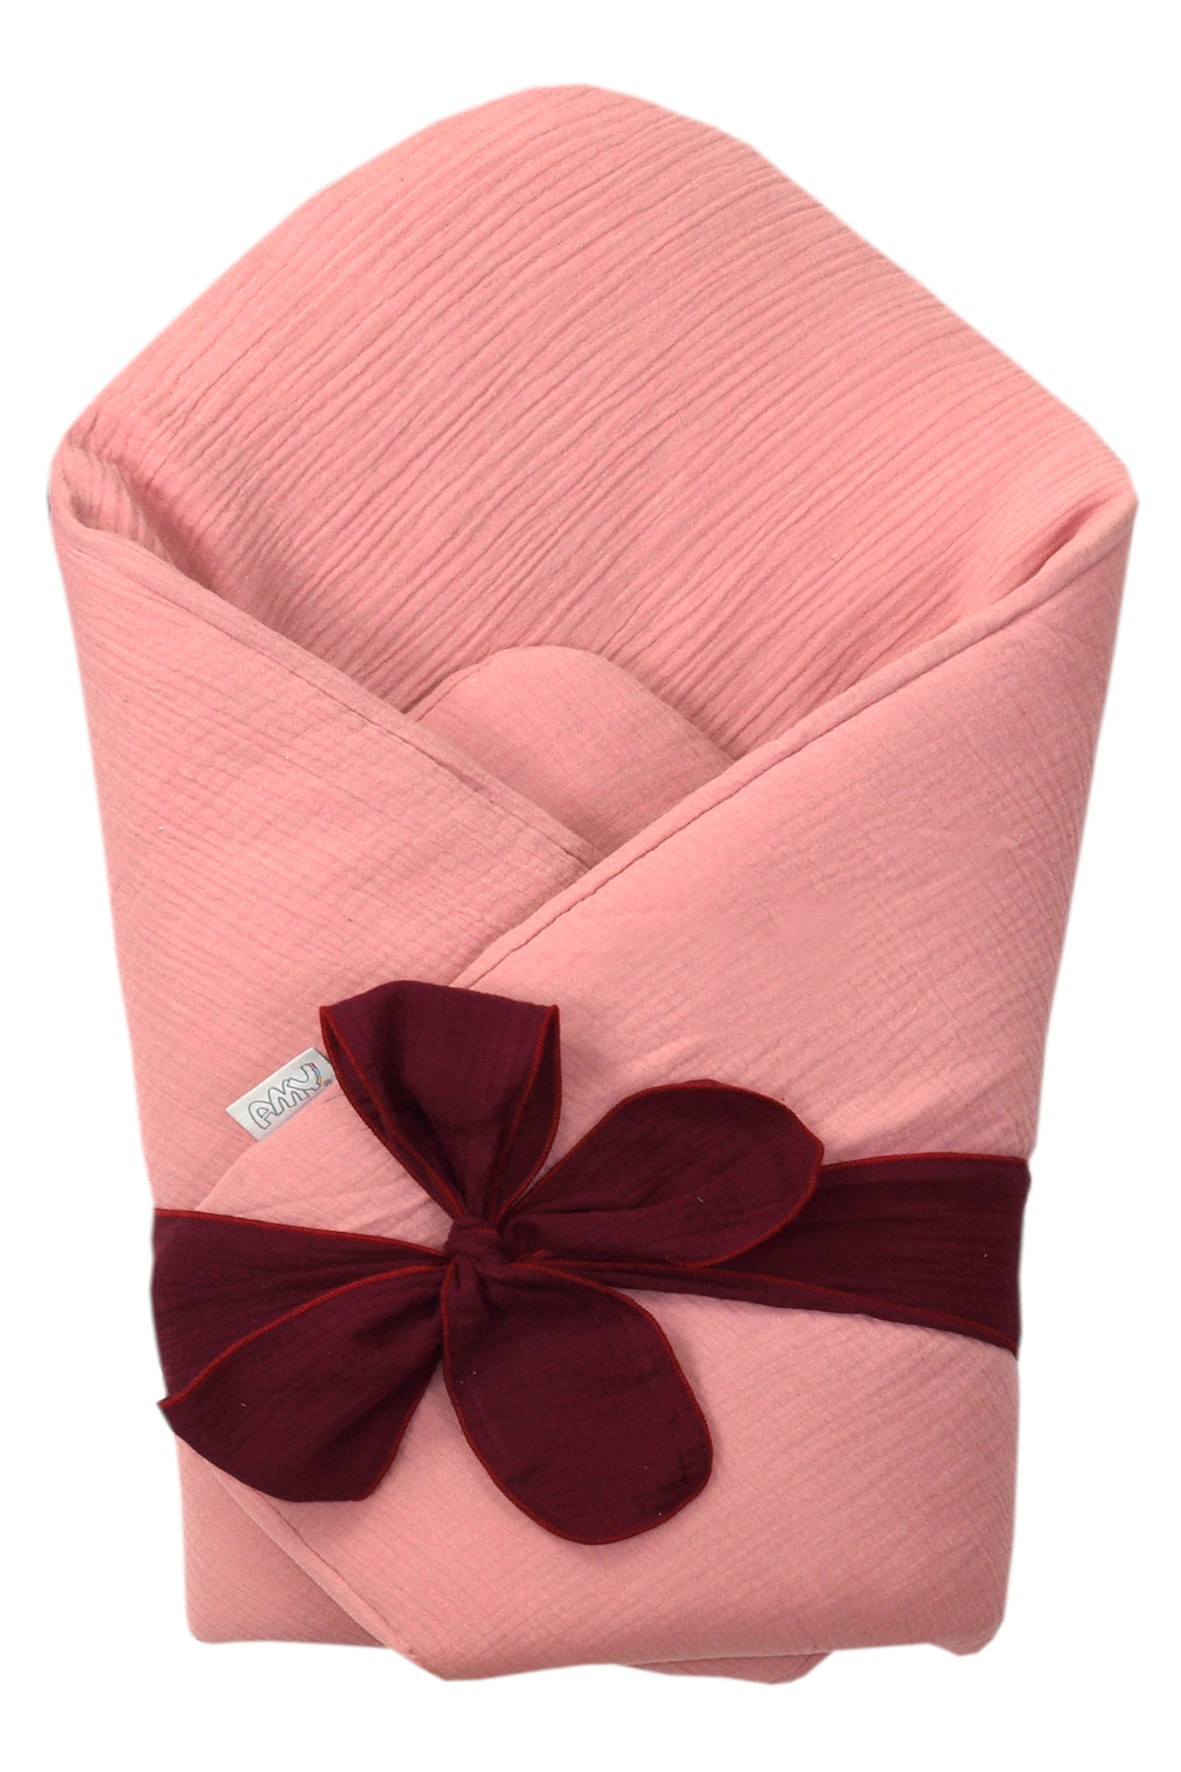 Becik niemowlęcy z usztywnieniem - różowo-bordowy